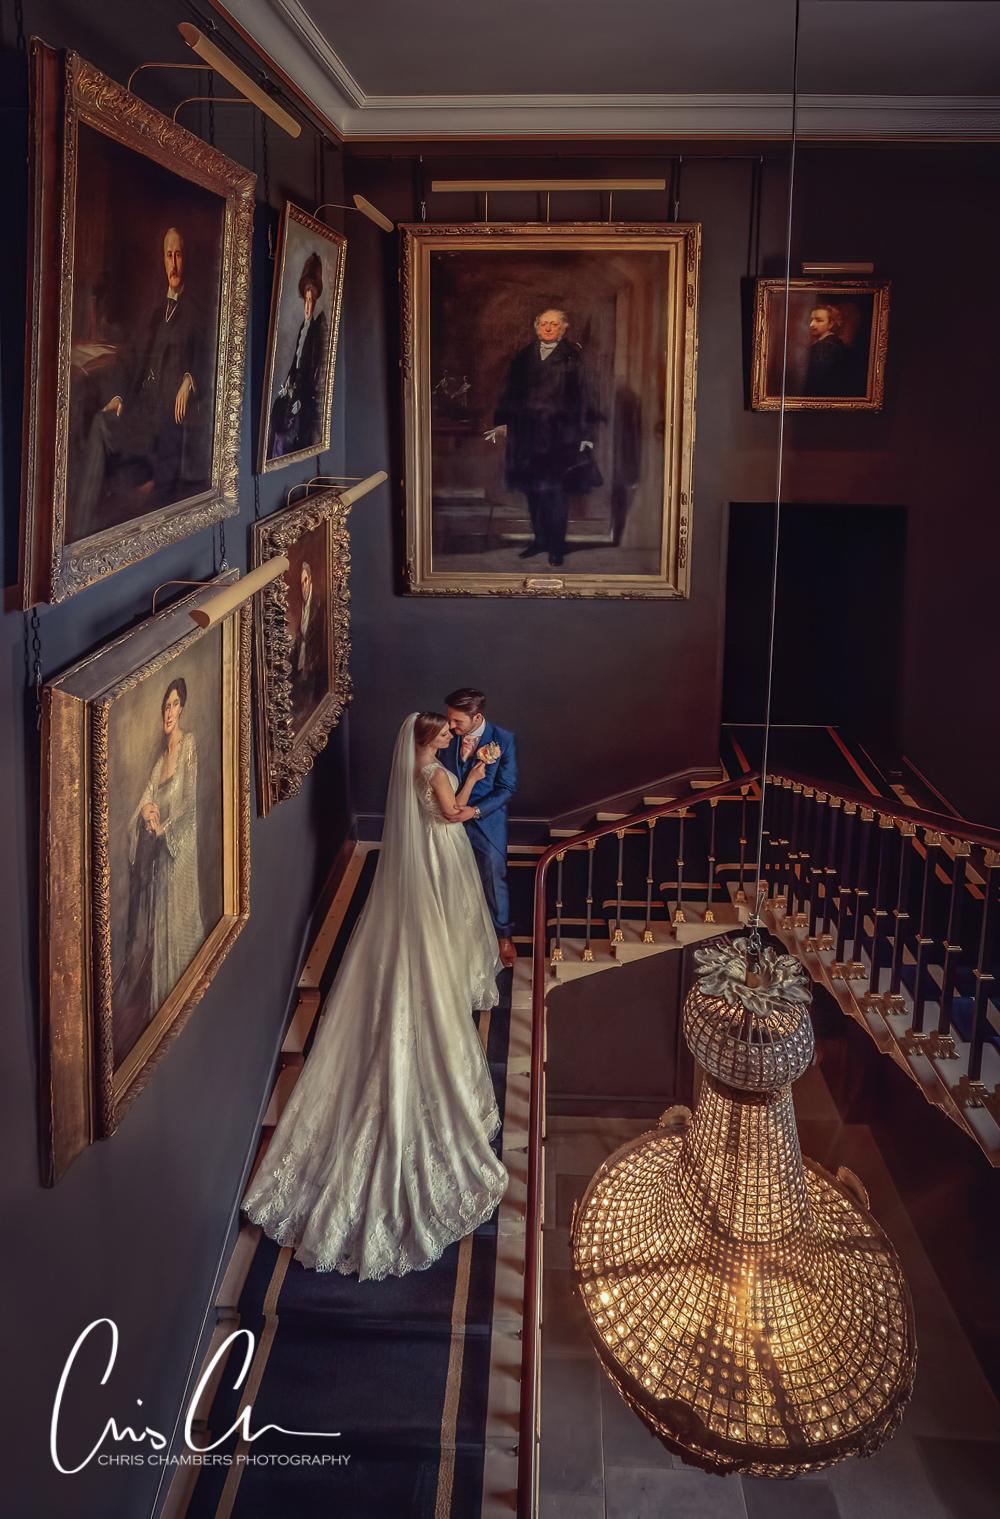 Stubton Hall wedding photographer. Nottinghamshire weddings